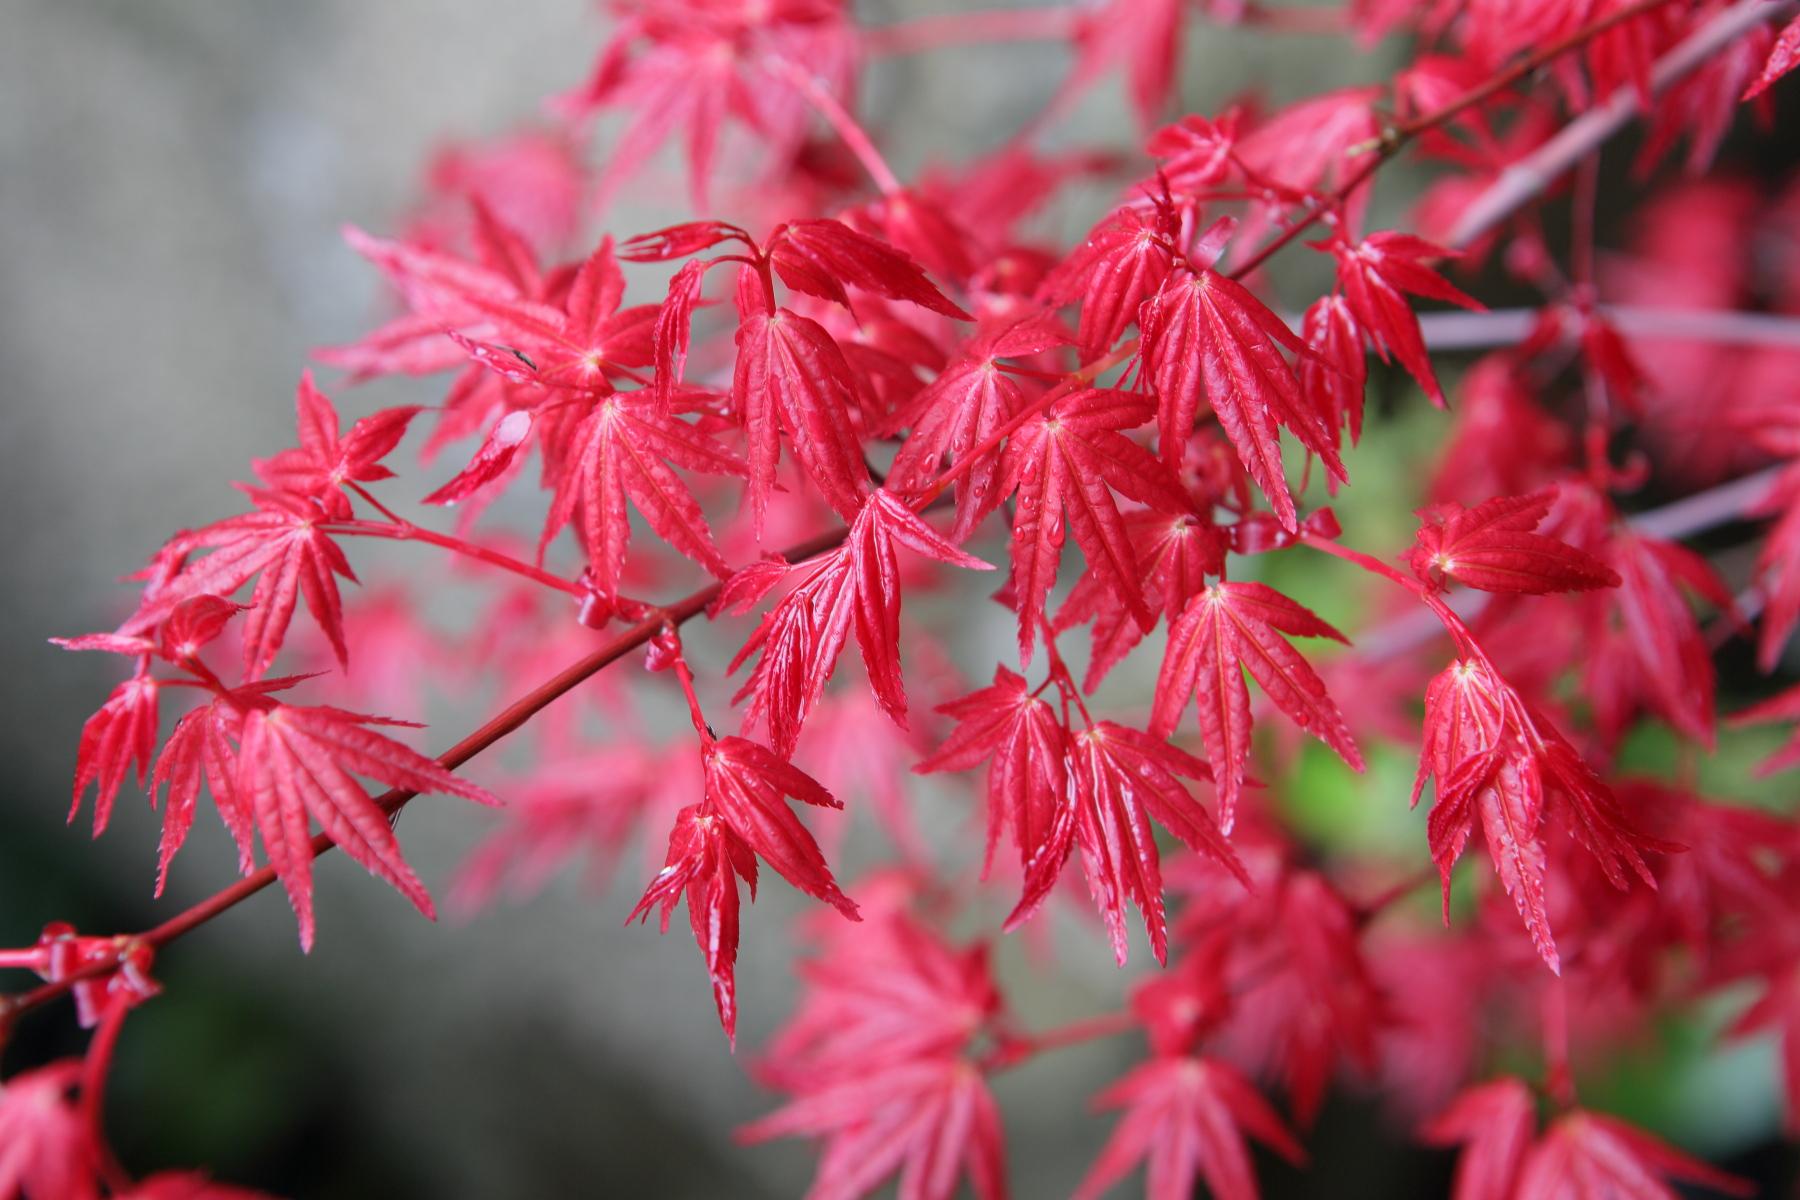 Màu đỏ tươi của giống phong thủy triều đỏ